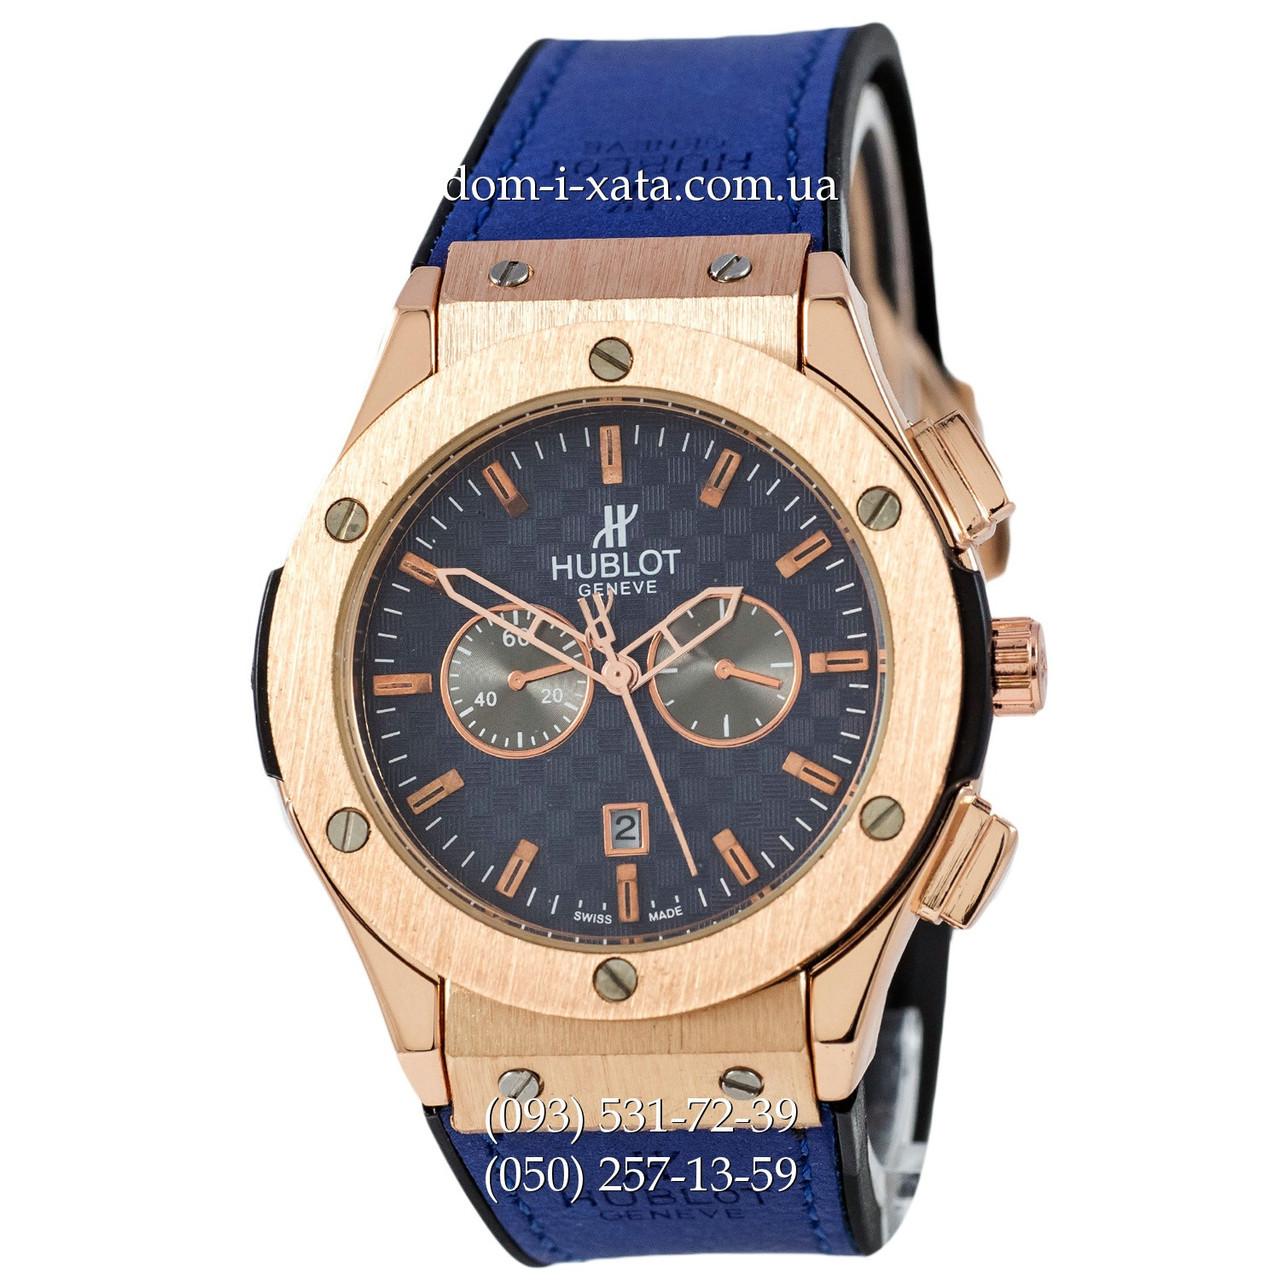 Мужские наручные часы Hublot 882888 Classic Fusion Blue-Gold-Blue, Хублот классик, реплика отличное качество!